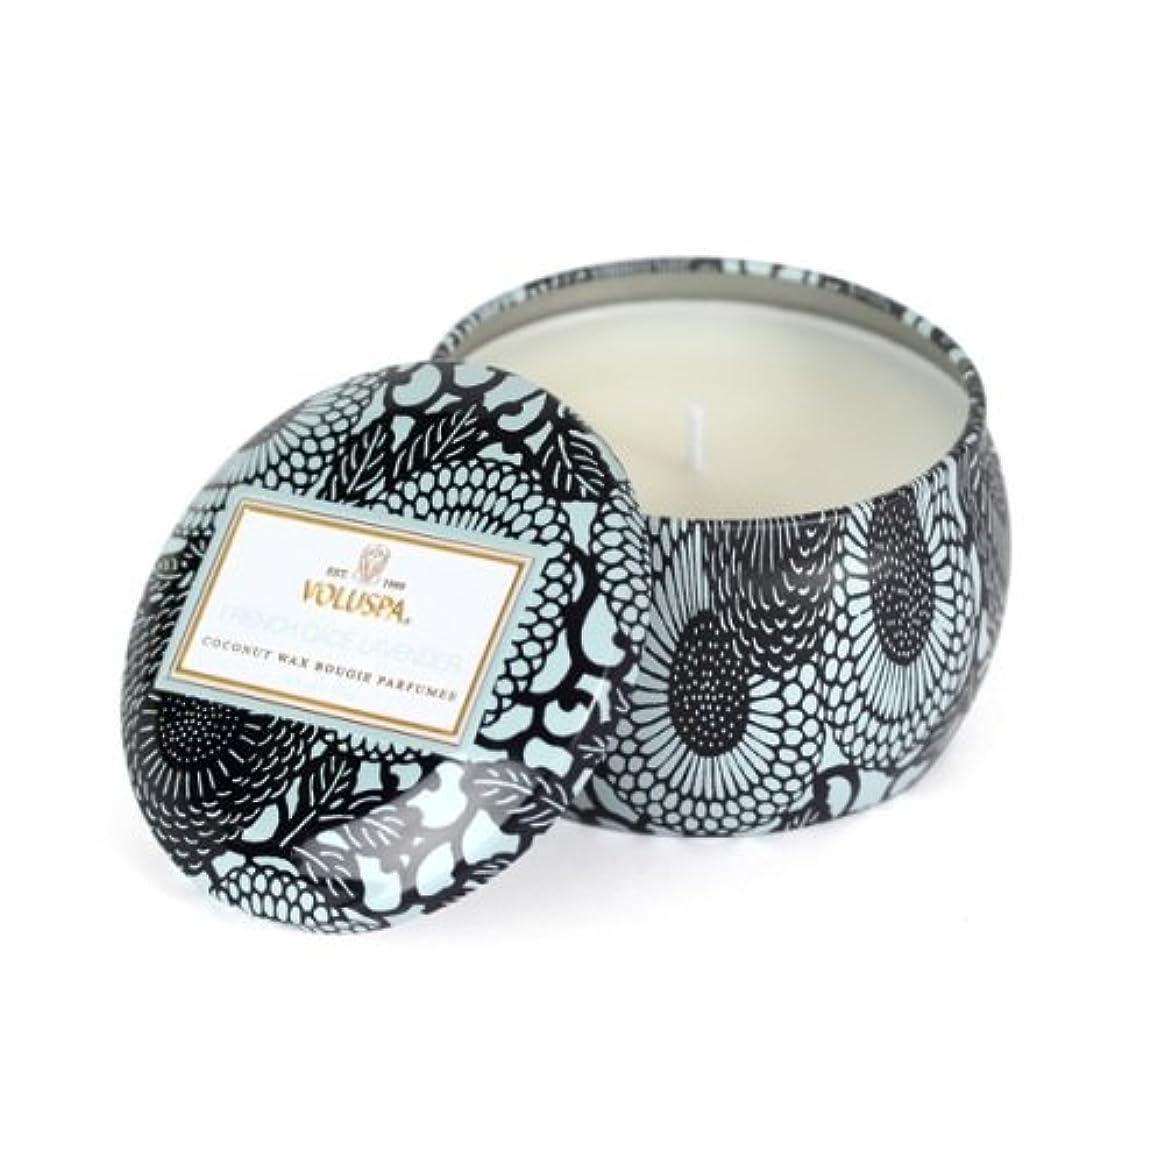 ゴージャス香ばしい喜んでVoluspa ボルスパ ジャポニカ ティンキャンドル S フレンチケード&ラベンダー JAPONICA Tin Candle FRENCH CADE LAVENDER